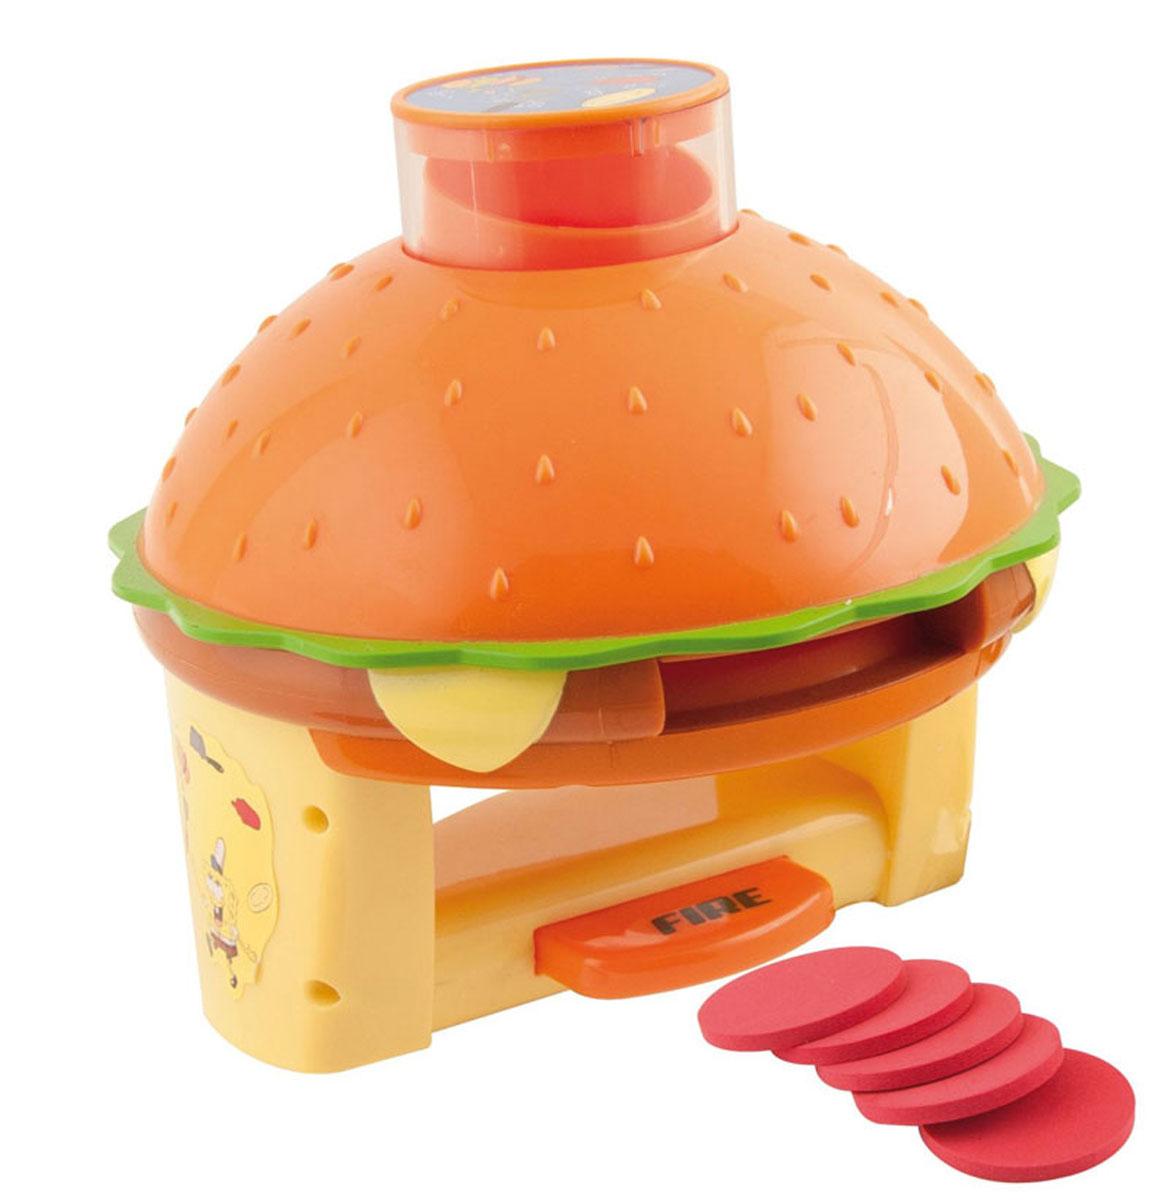 Дискострел SpongeBob, с дисками1106915Дискострел SpongeBob привлечет внимание вашего ребенка и не позволит ему скучать! Верхняя часть дискострела выполнена в виде гамбургера. Снизу расположена удобная рукоятка с кнопкой. Для игры необходимо сложить диски в специальный контейнер, затем вставить его в дискострел. При нажатии на кнопку, диск вылетает. Дискострел оформлен наклейкой с изображением Губки Боба. Ваш ребенок сможет упражняться в меткости, поражая различные мишени. Порадуйте его таким замечательным подарком! Характеристики: Размер дискострела: 15 см х 15 см х 15 см. Диаметр диска: 4 см. Размер упаковки: 25 см х 15,5 см х 29 см. Изготовитель: Китай.